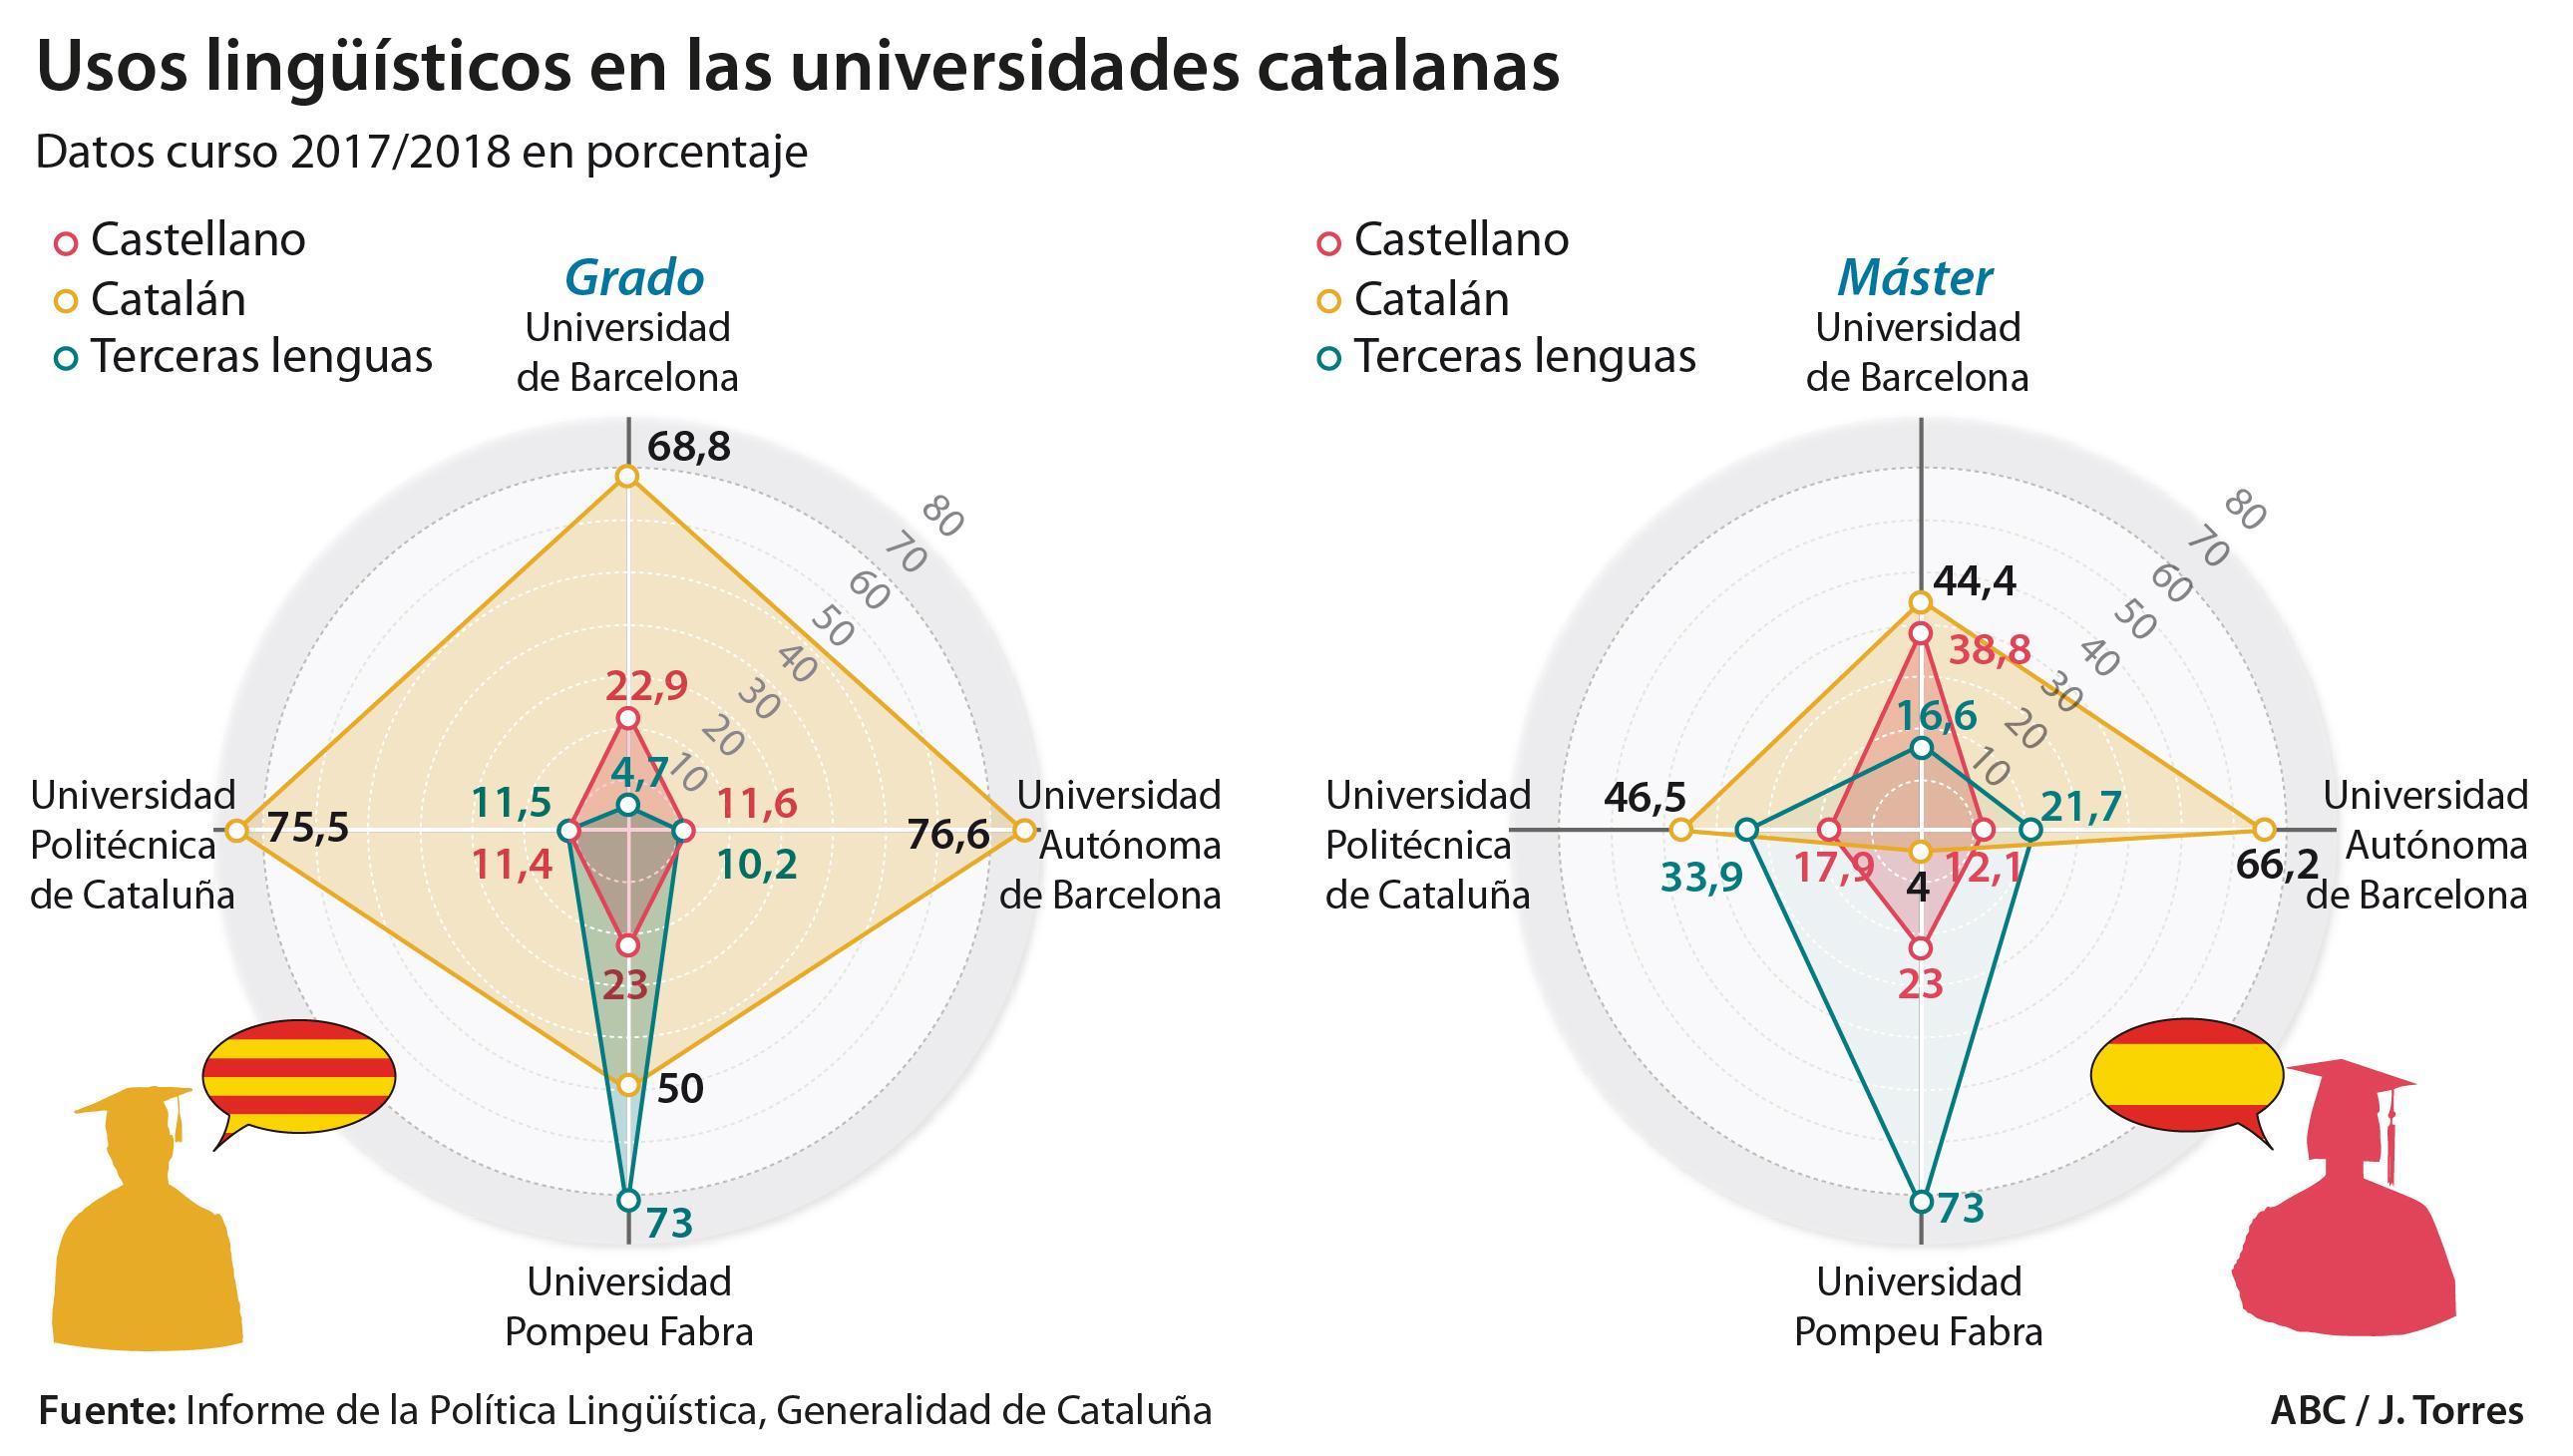 Los profesores pueden elegir el idioma oficial entre el castellano y el catalán